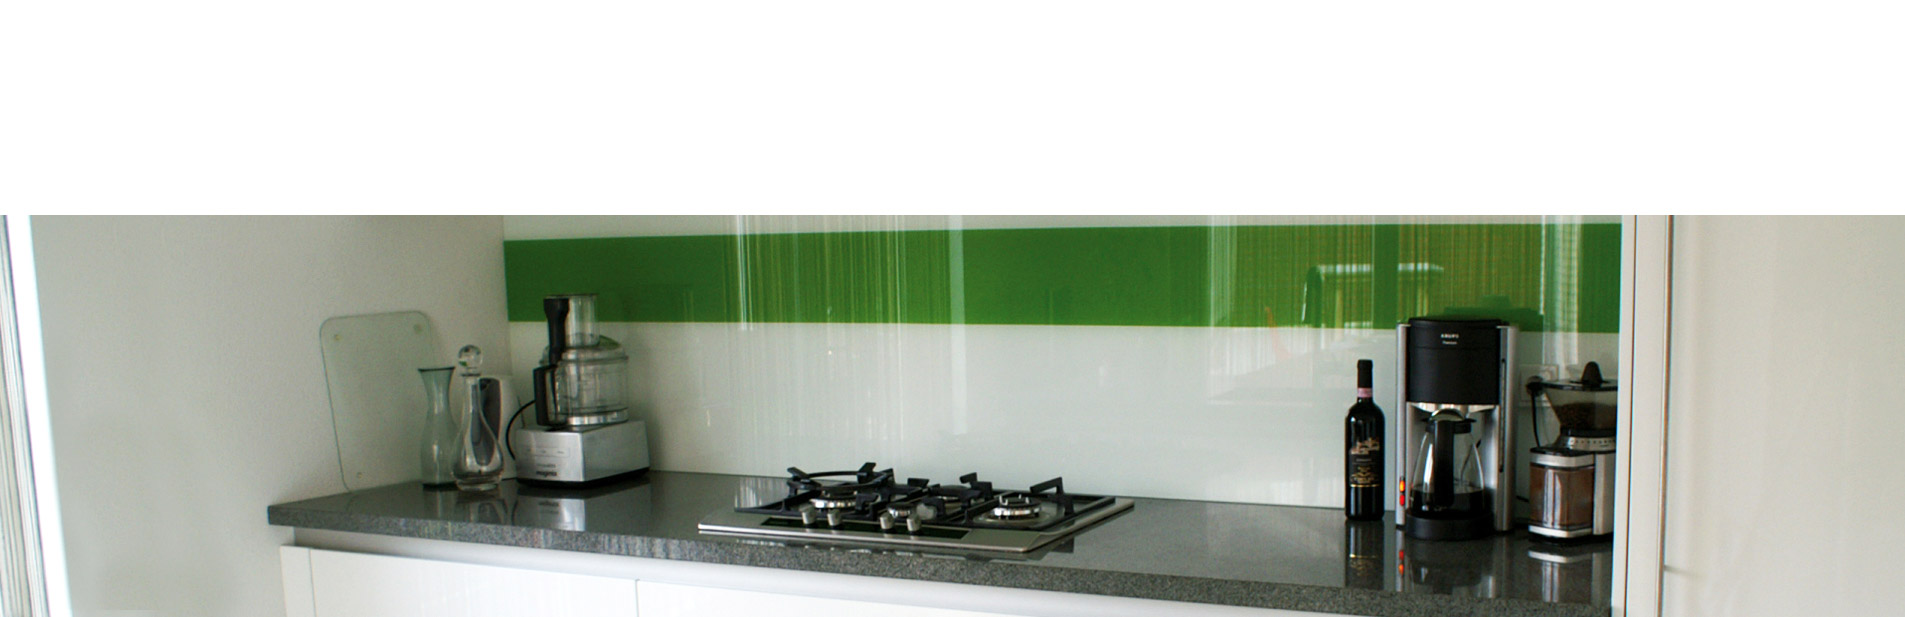 header-achtergrond-keuken-groen